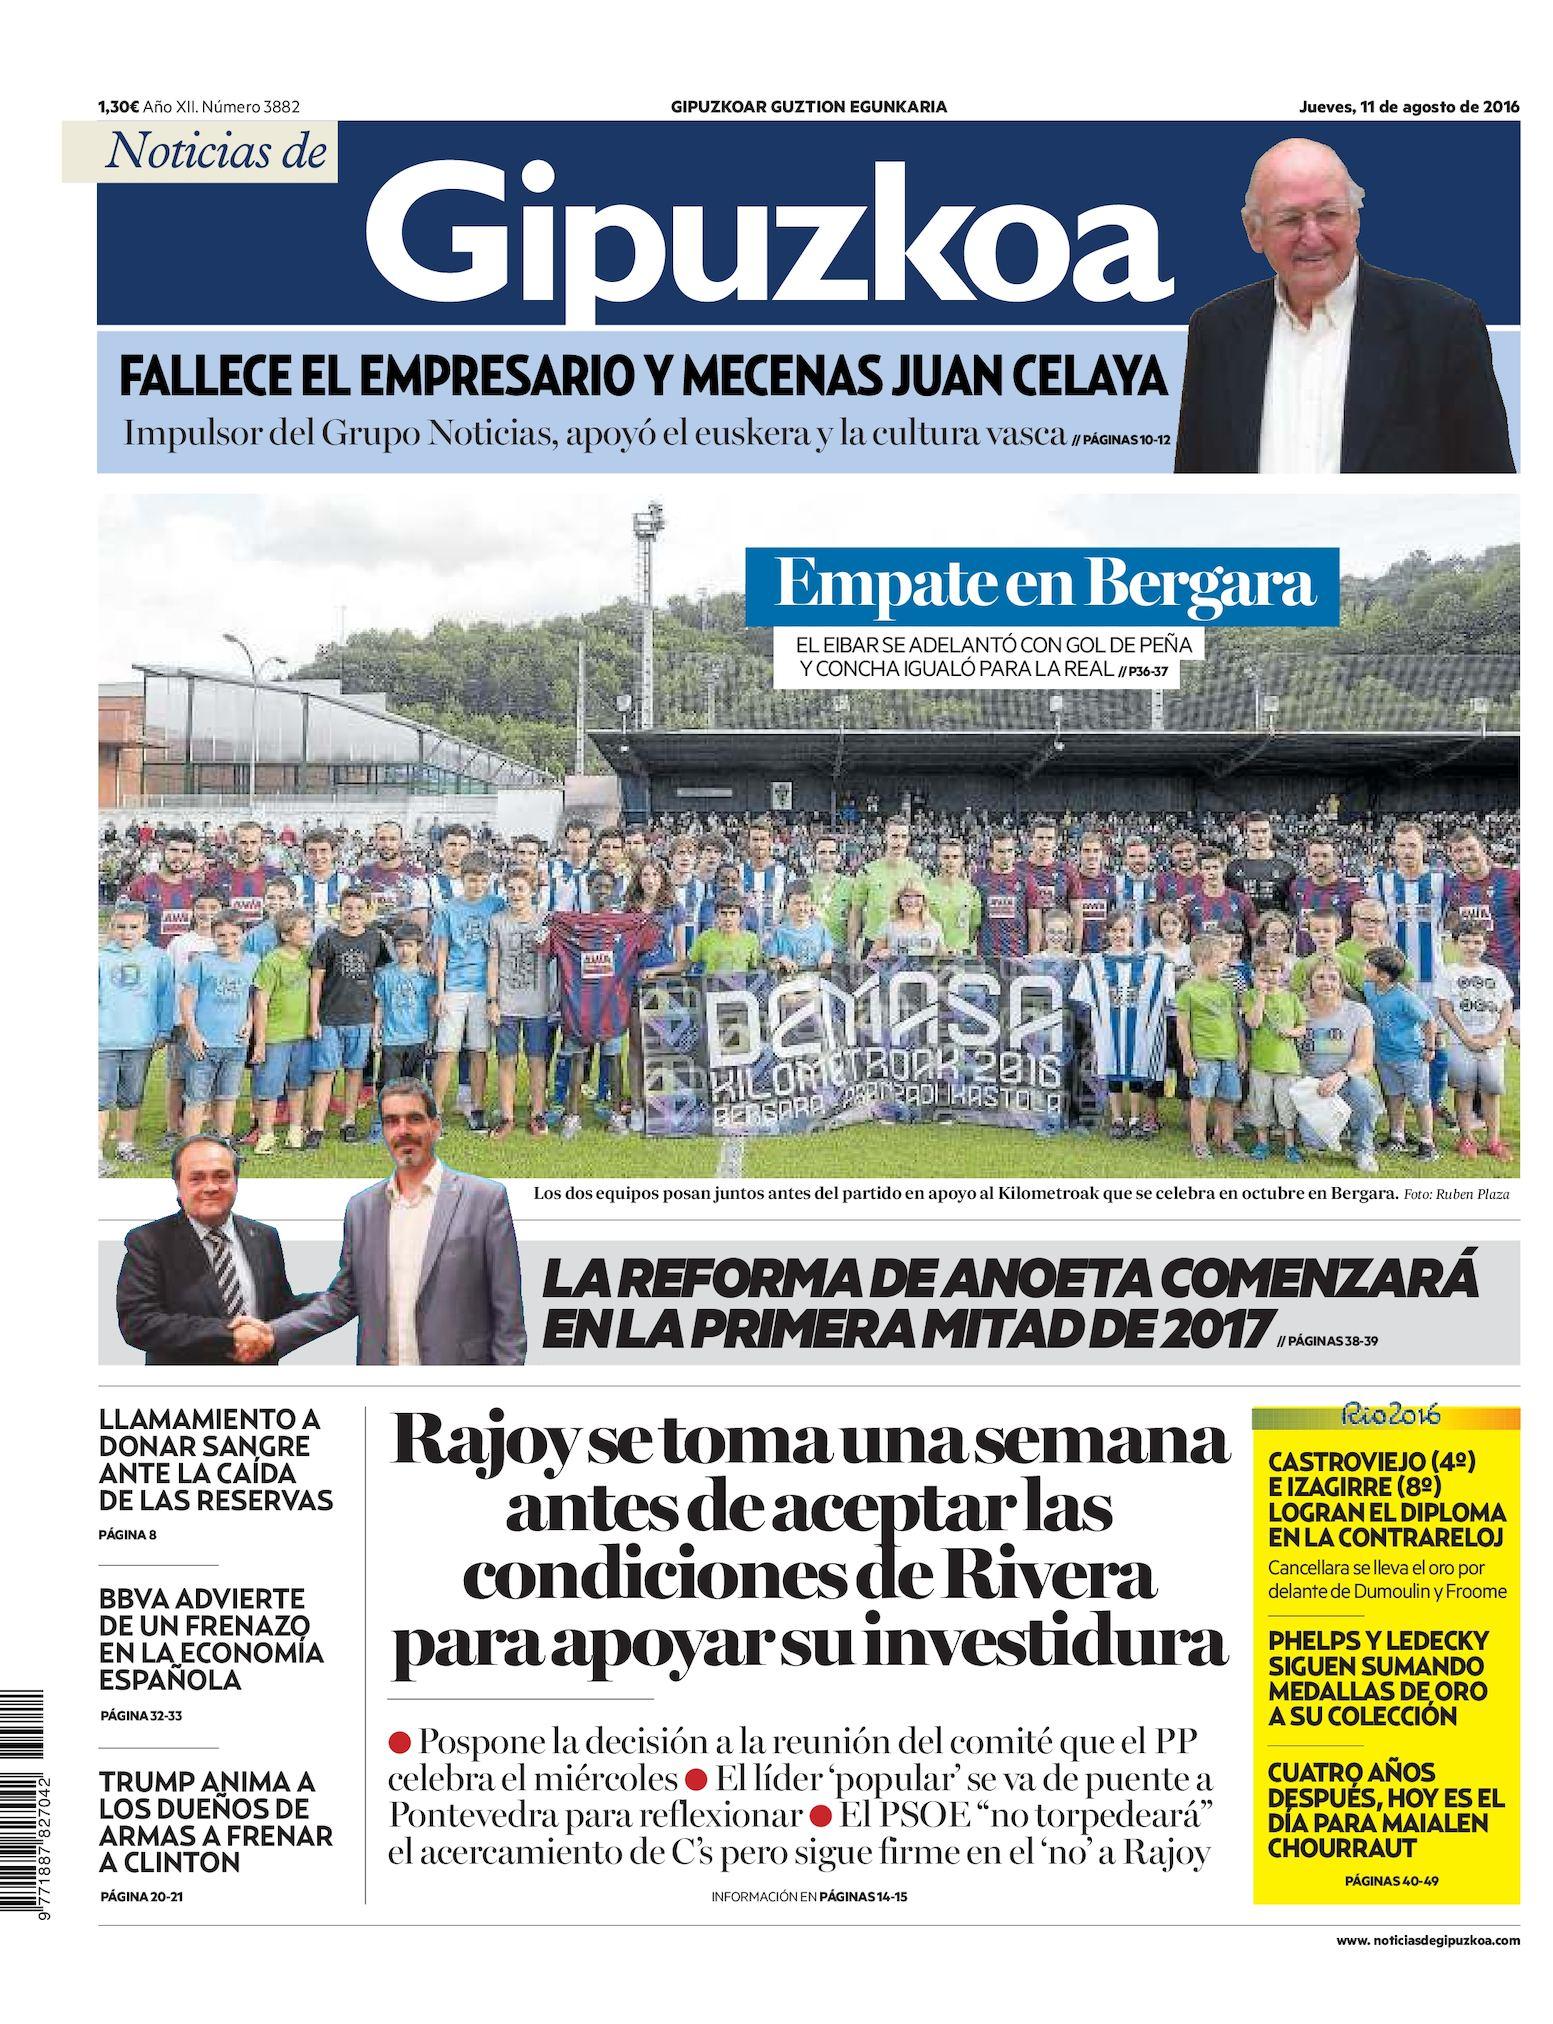 Noticias 20160811 20160811 Calaméo Calaméo de de Gipuzkoa Gipuzkoa Noticias vNn0O8myw